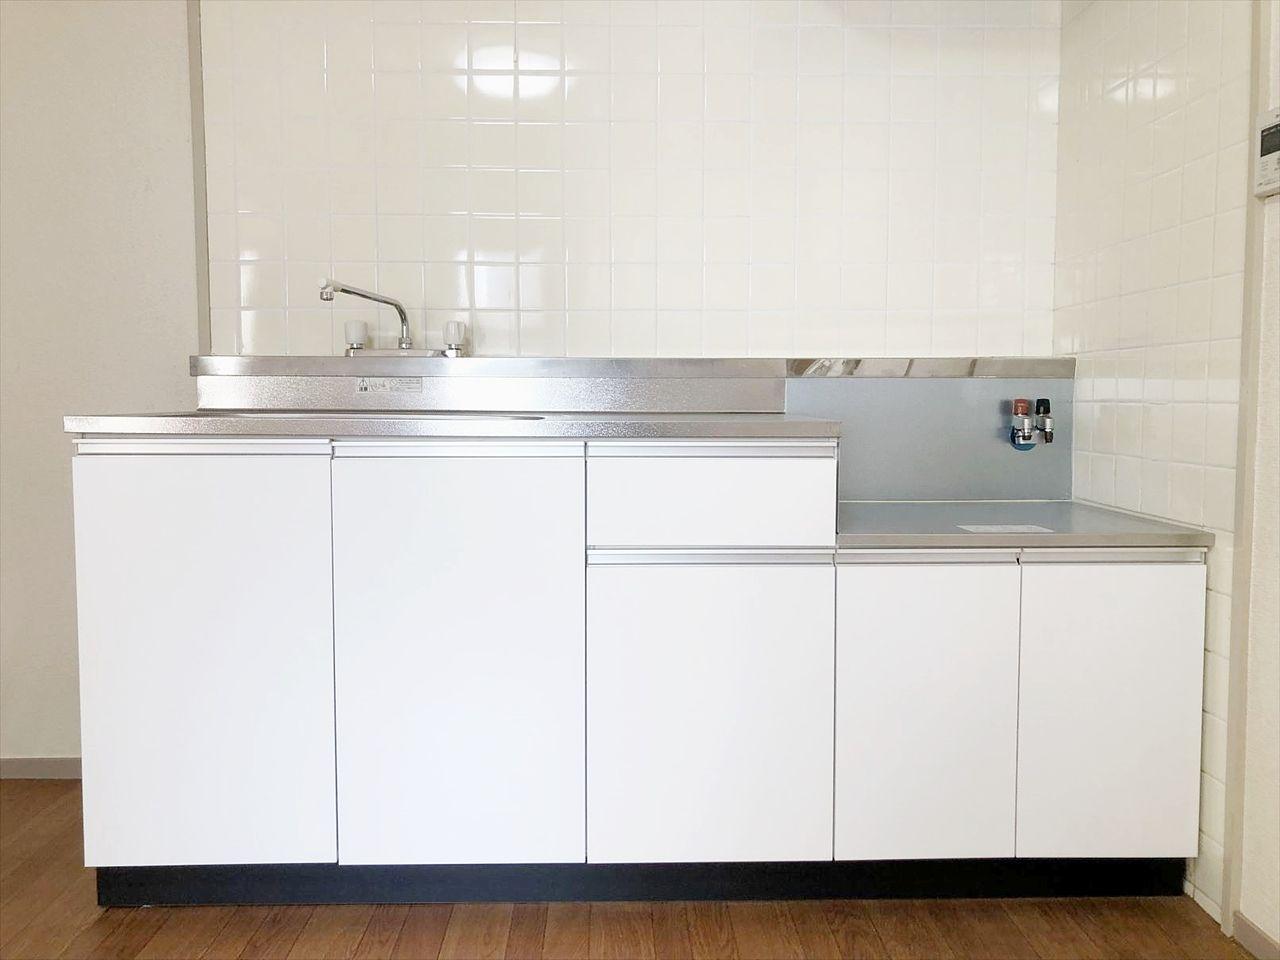 新品に交換済みのクレインヴィレッジ401のキッチンです。ガスコンロ2口設置可です